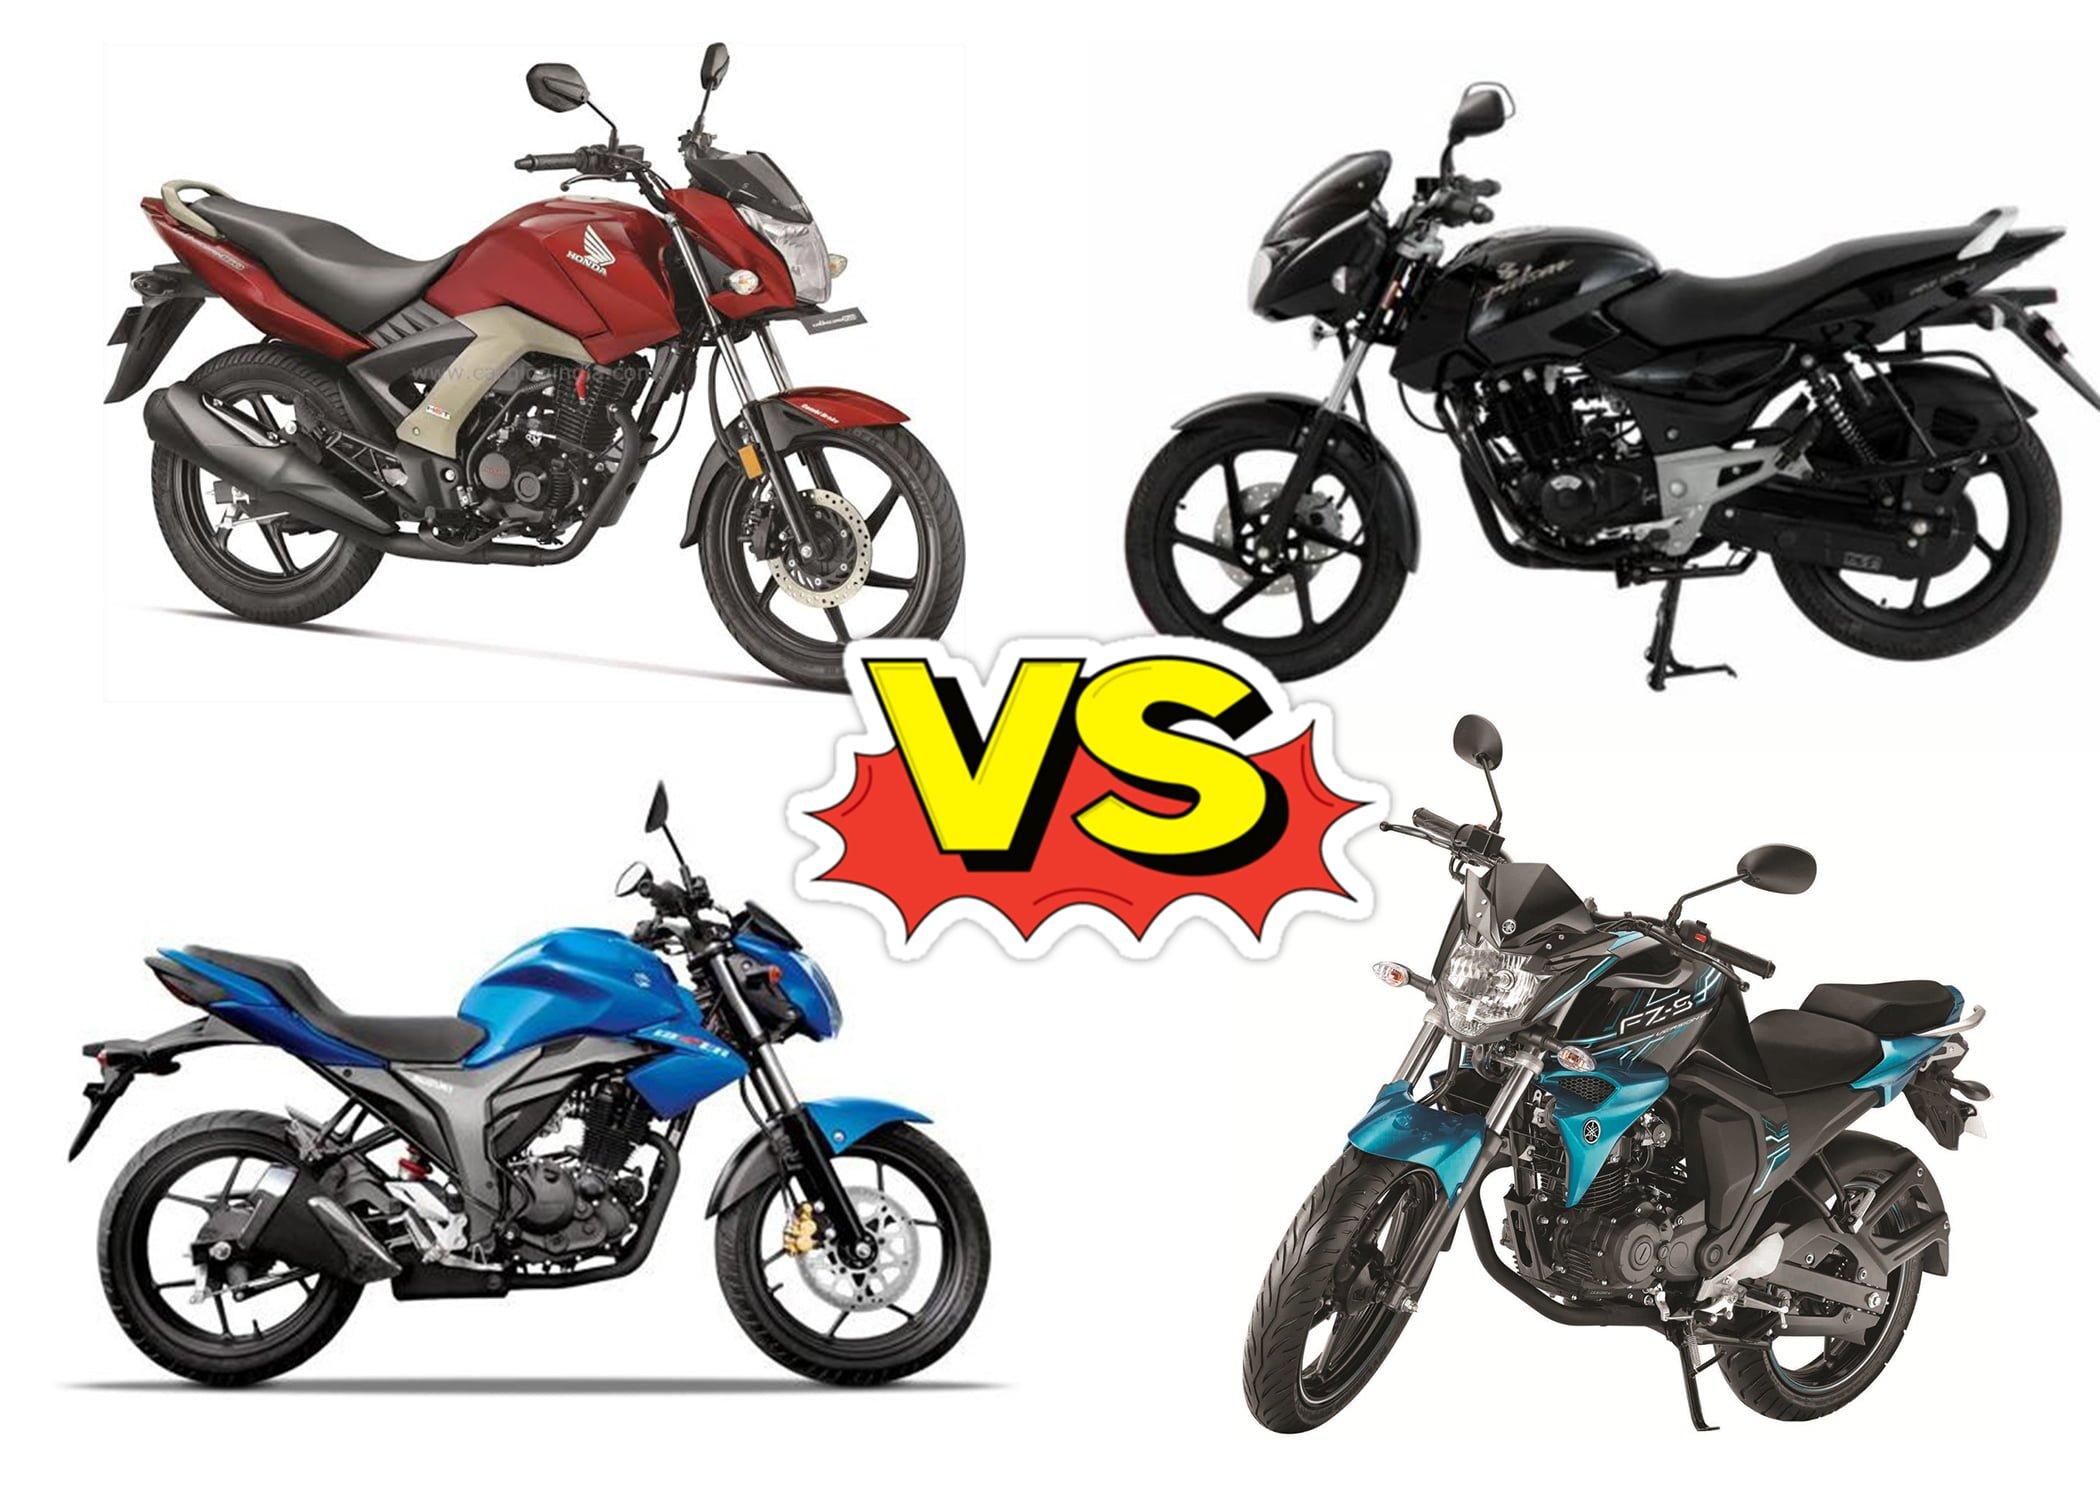 Unicorn 160 vs Pulsar 150 vs Yamaha FZ vs Suzuki Gixxer